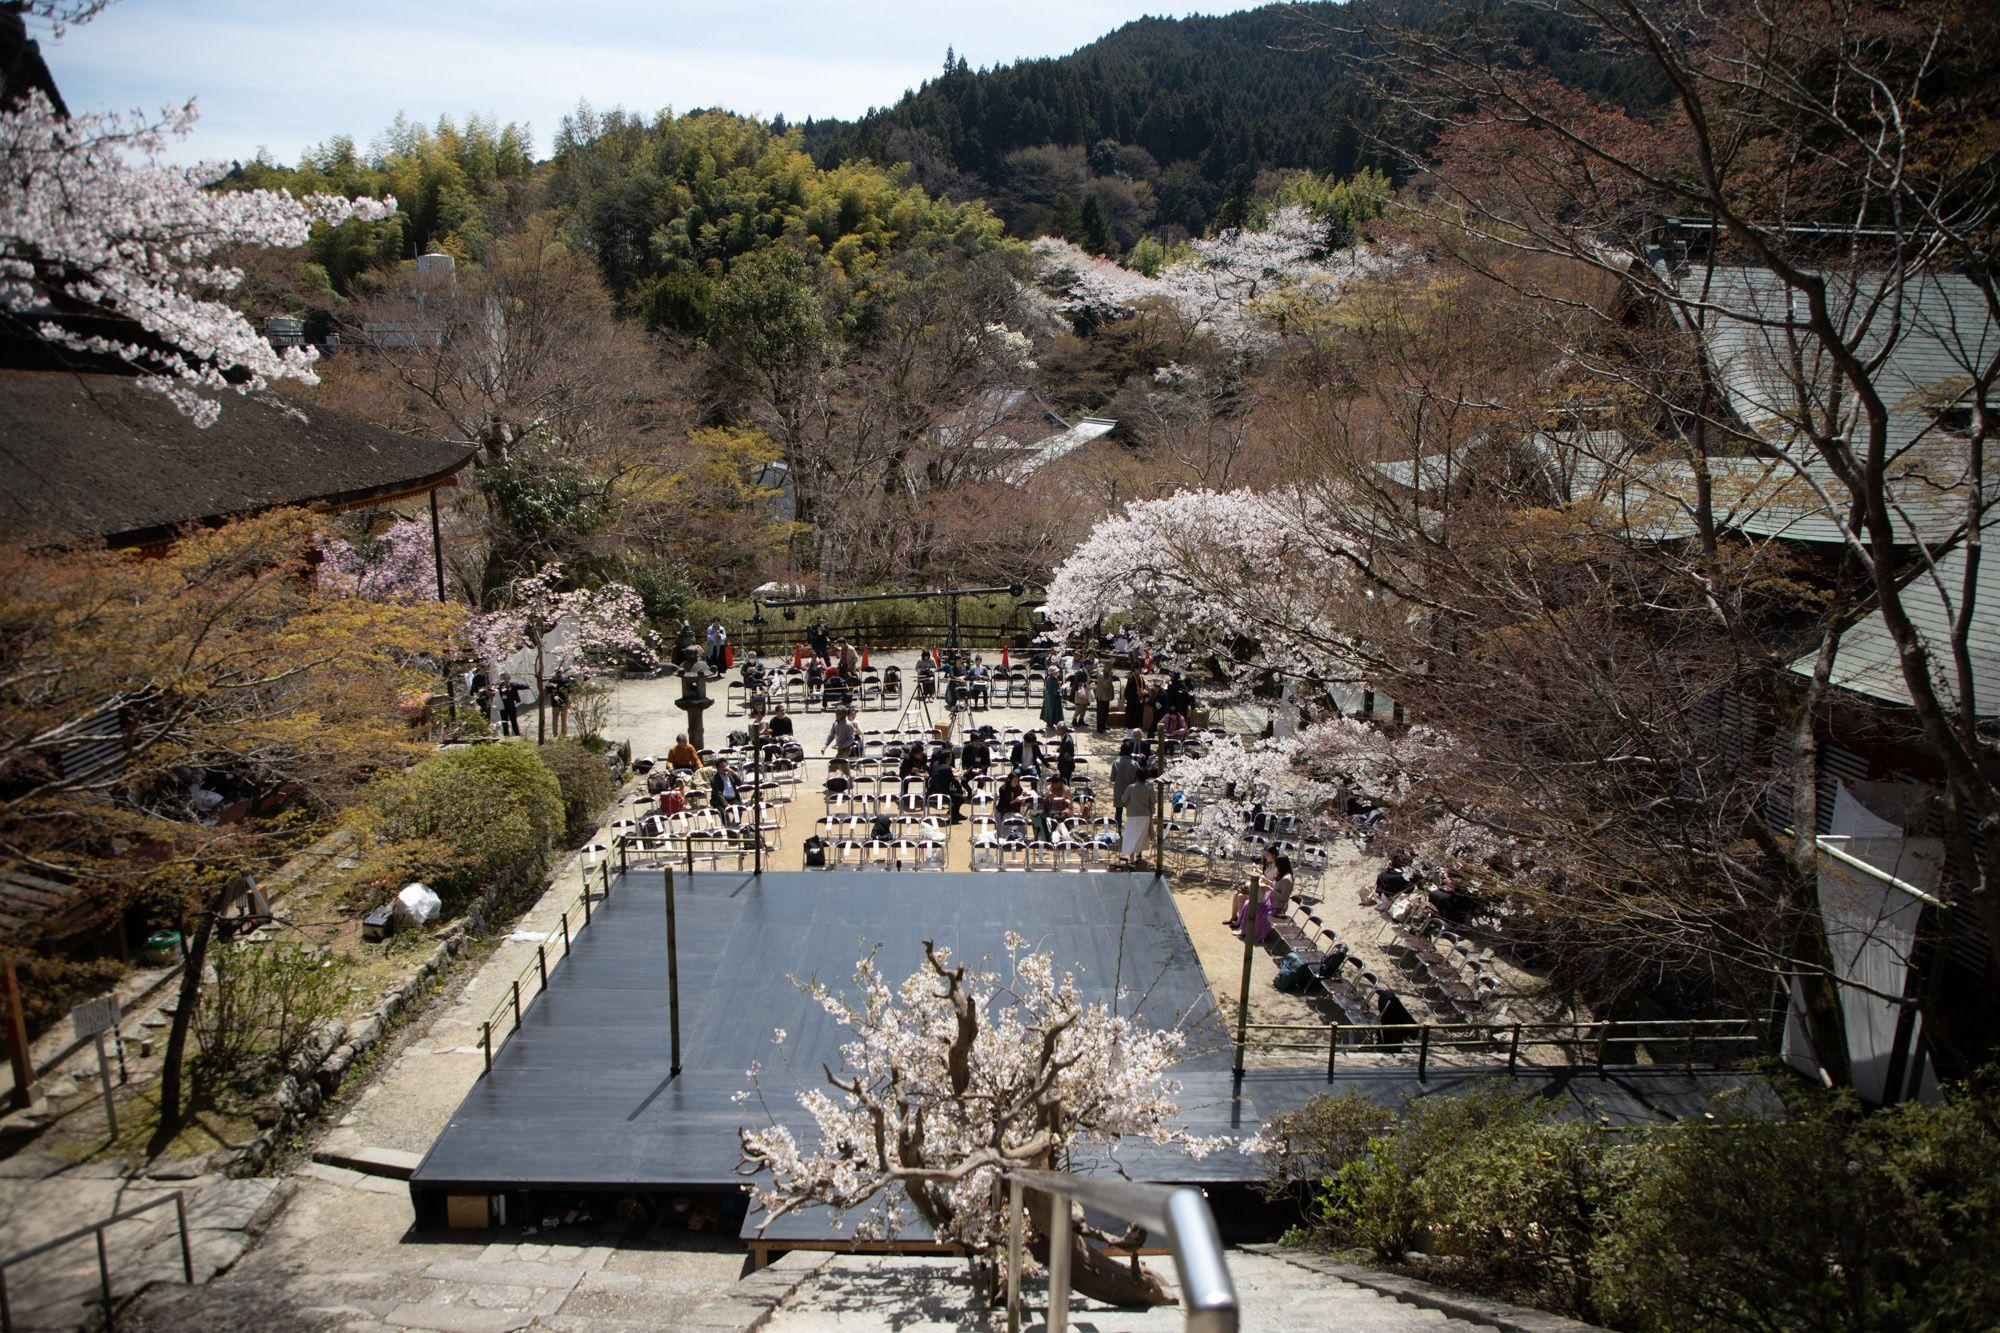 蹴鞠の庭に、能舞台の準備が整った。移動式能舞台の設計は、いけばな作家の辻雄貴。